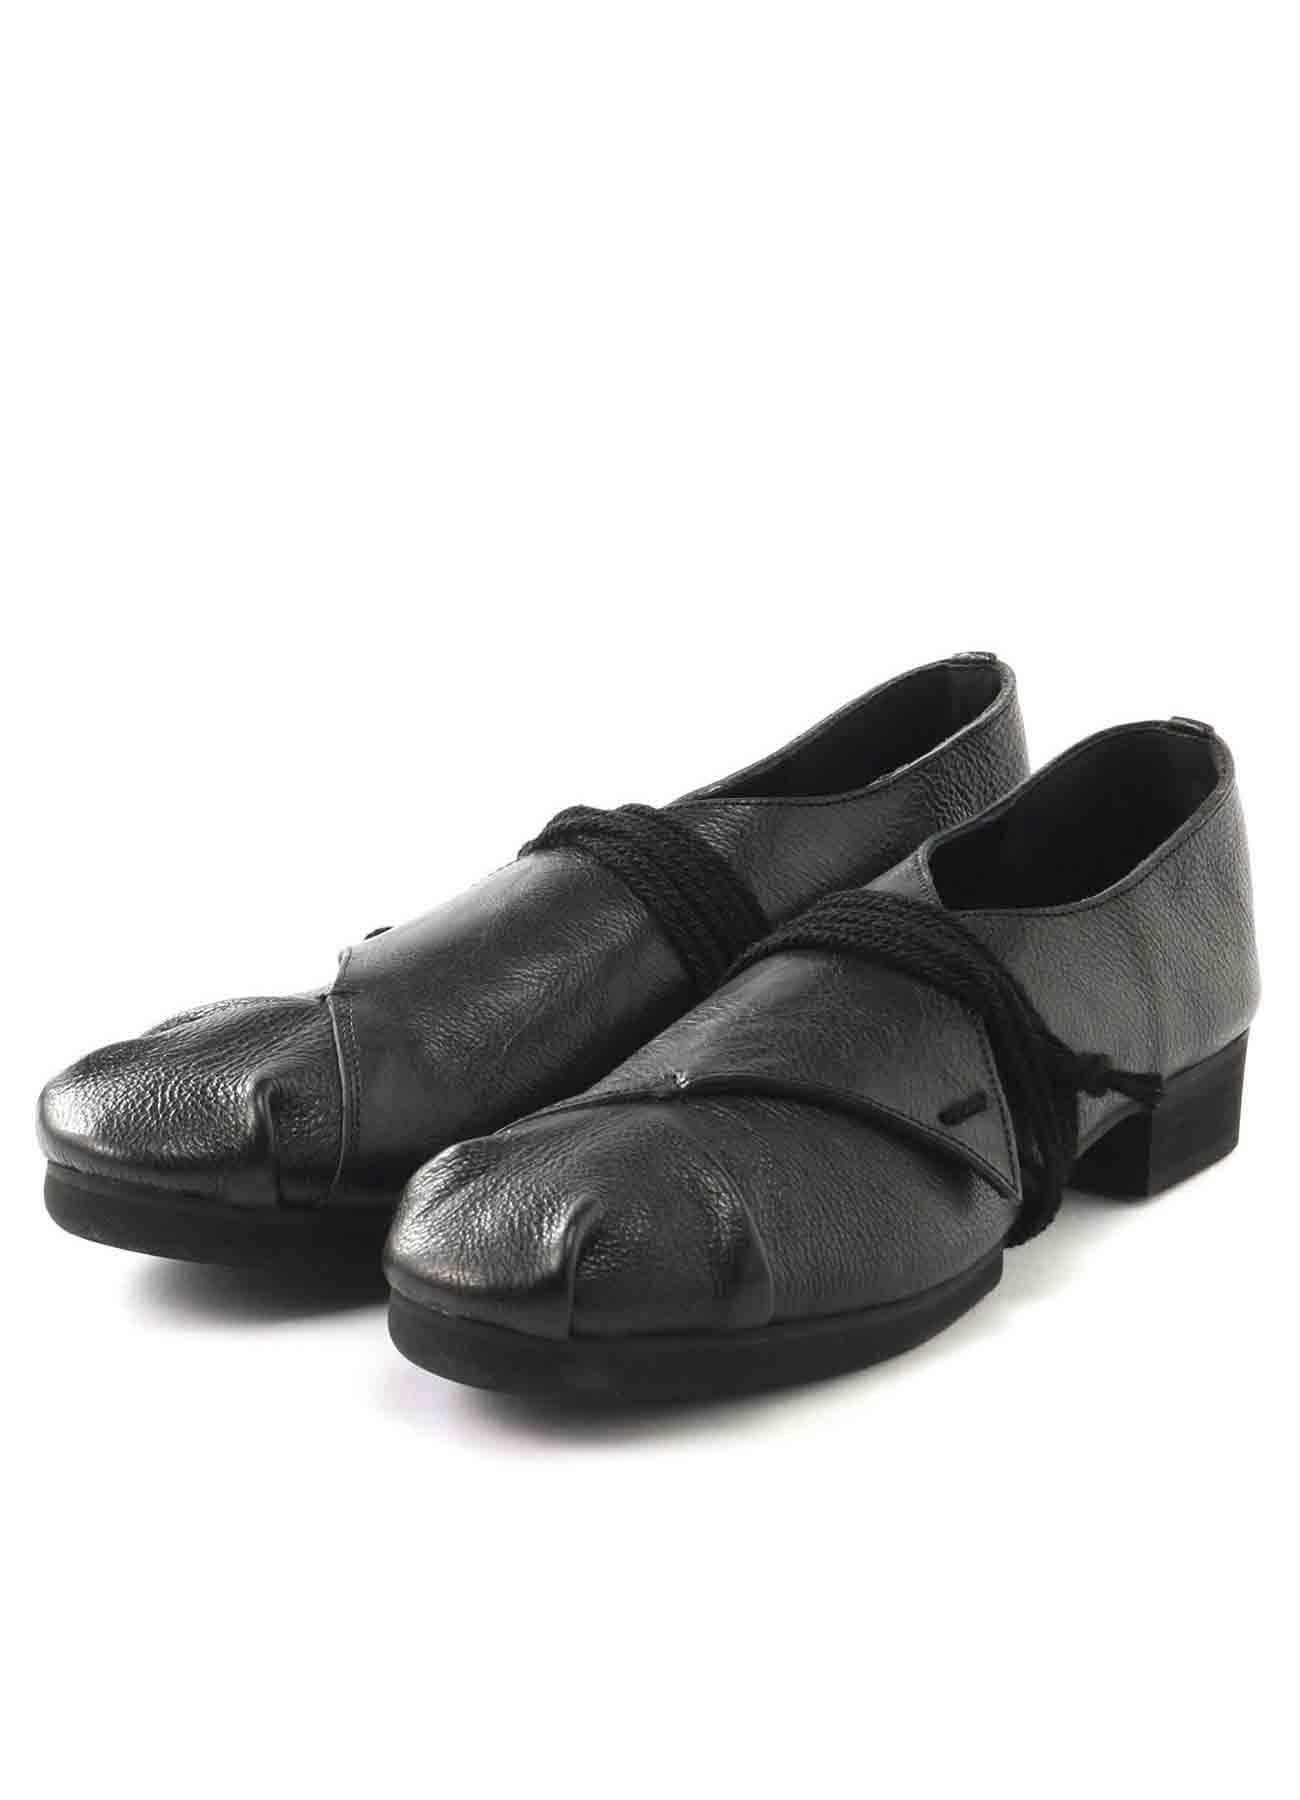 半艶ソフトレザー ぐるぐる短靴